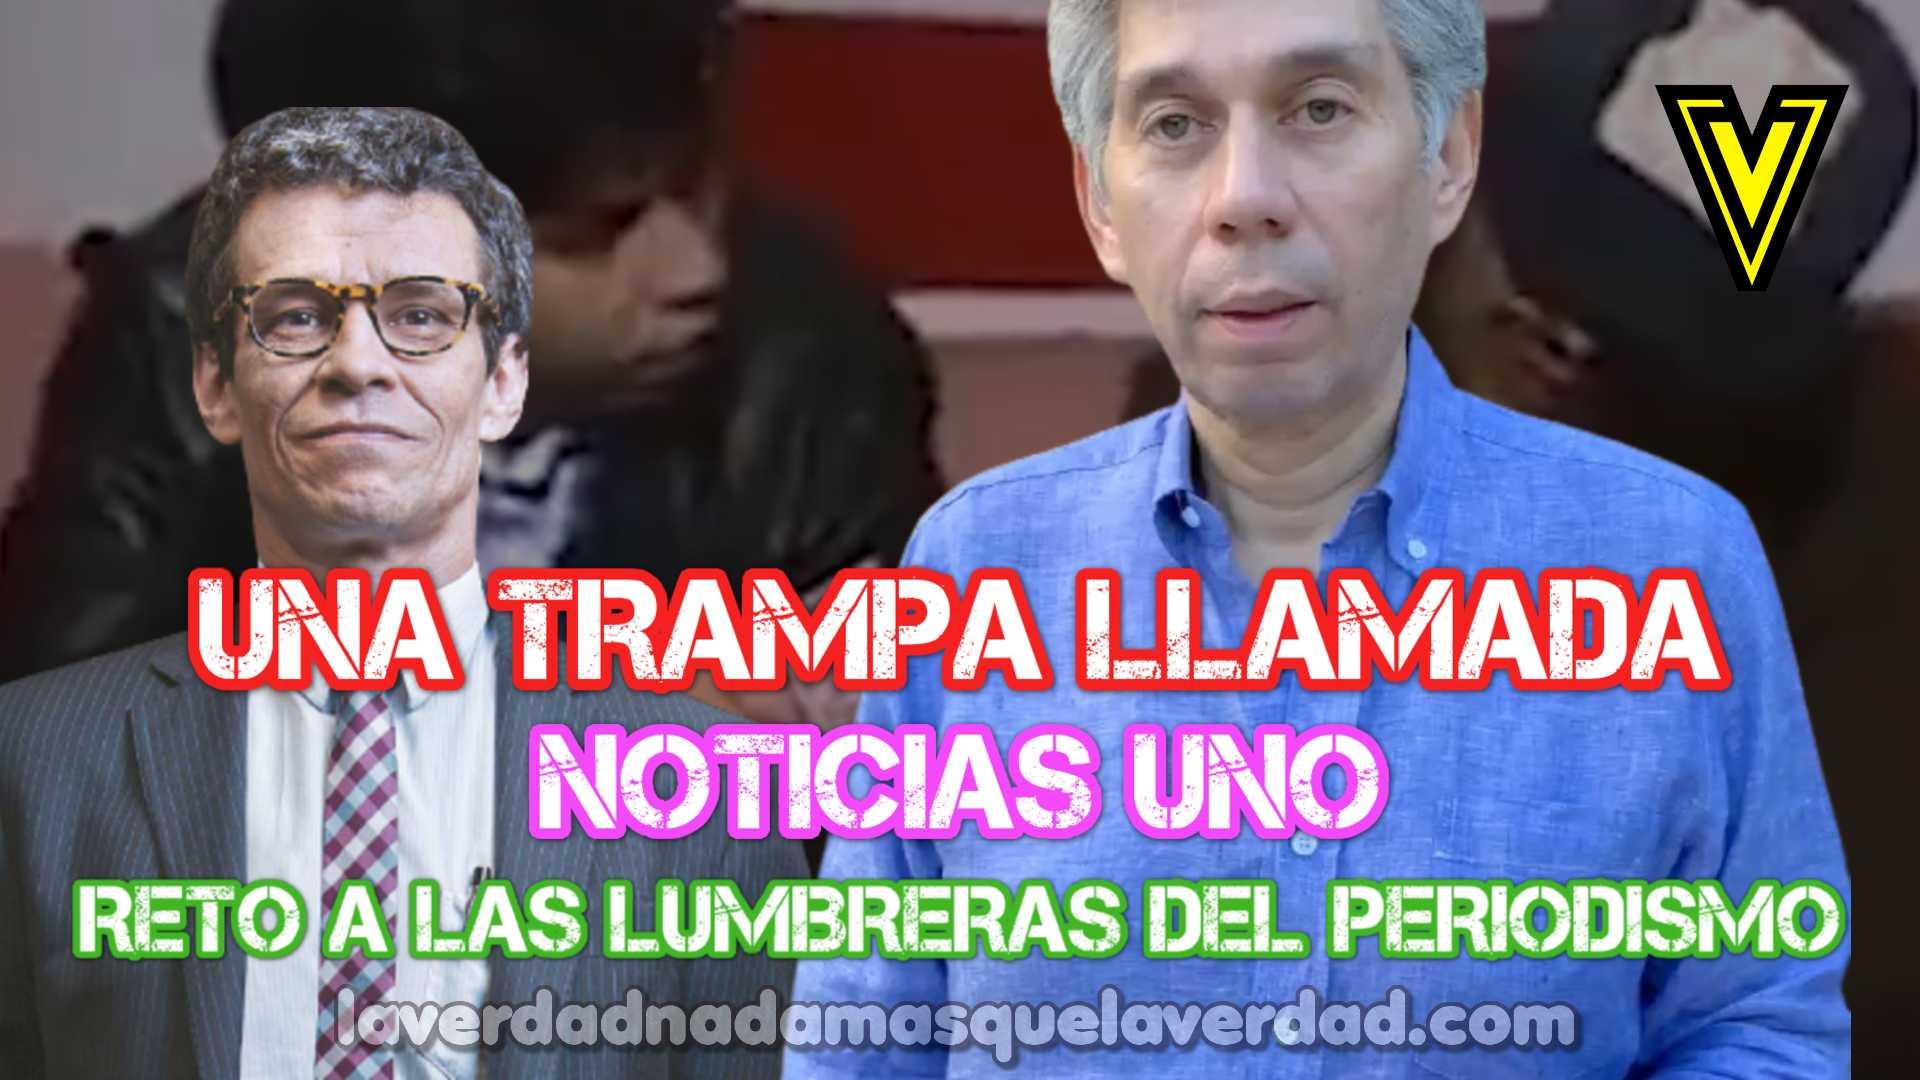 UNA TRAMPA LLAMADA NOTICIAS UNO DANIEL CORONELL NACHO GOMEZ LOS INTOCABLES